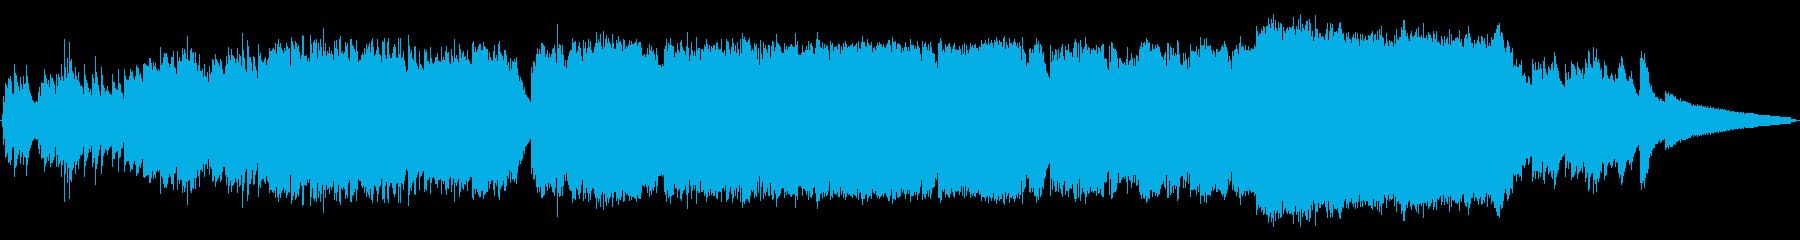 生コーラスが壮大さを増すピアノインストの再生済みの波形